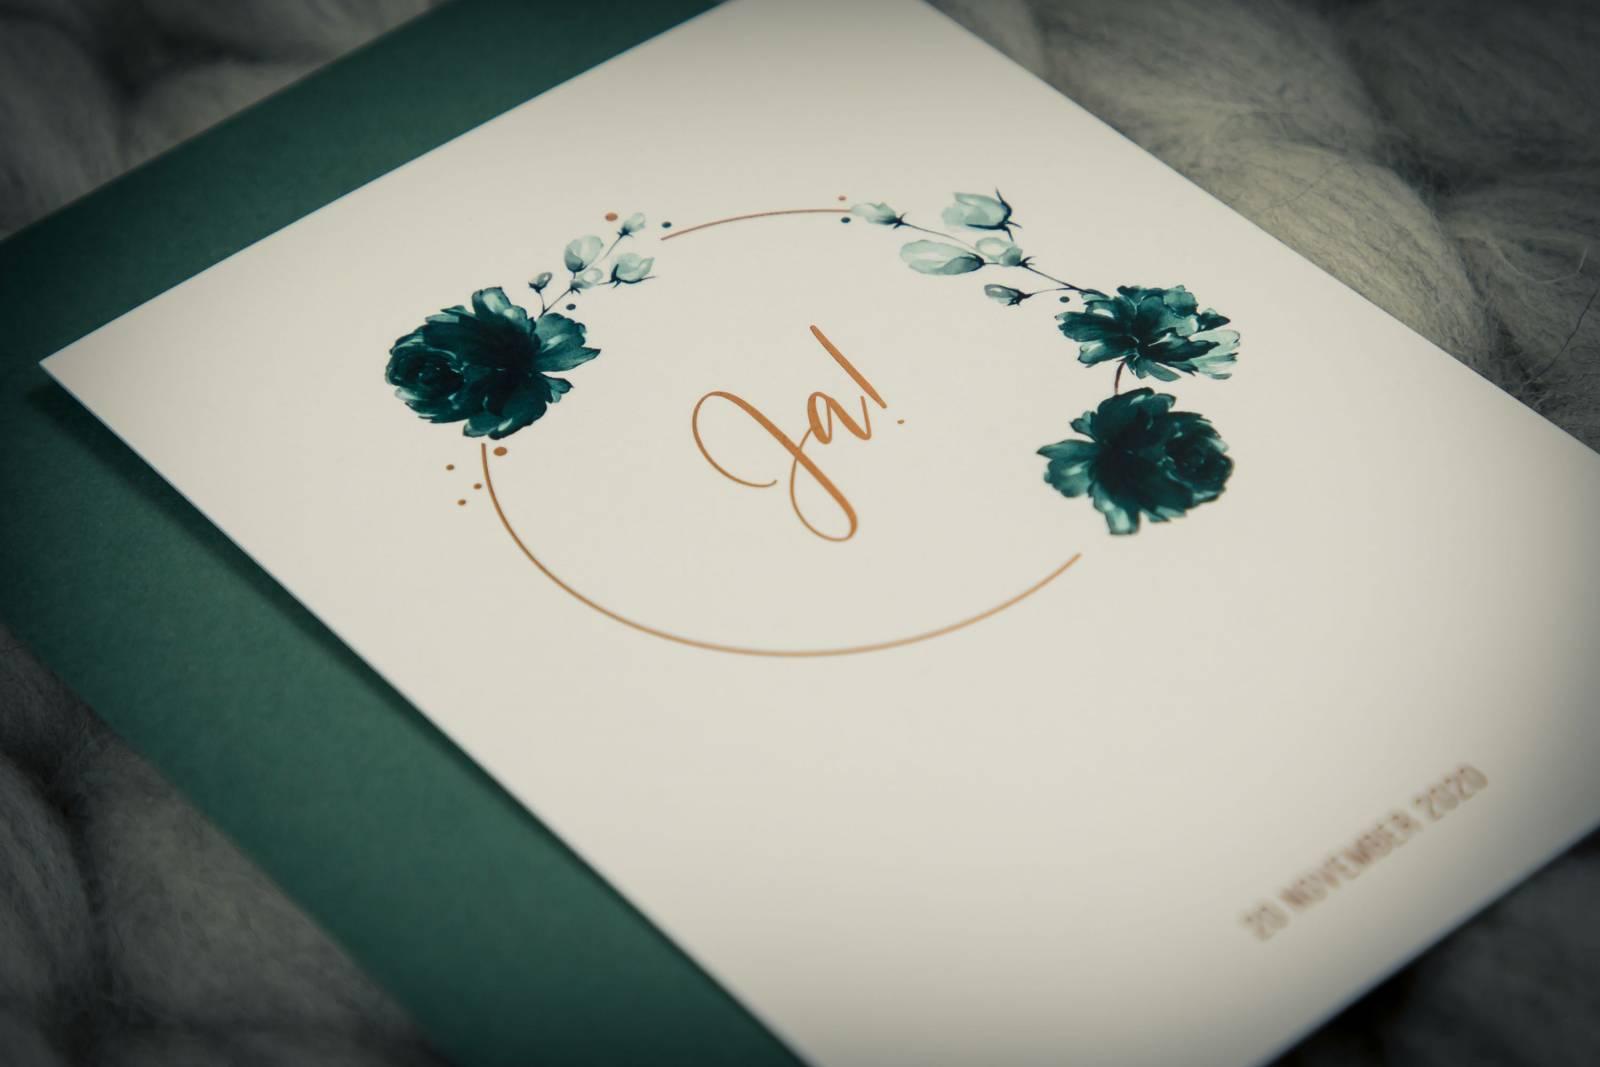 Drukkerij Augustynen - Trouwuitnodiging - Huwelijksuitnodiging - House of Weddings - 24